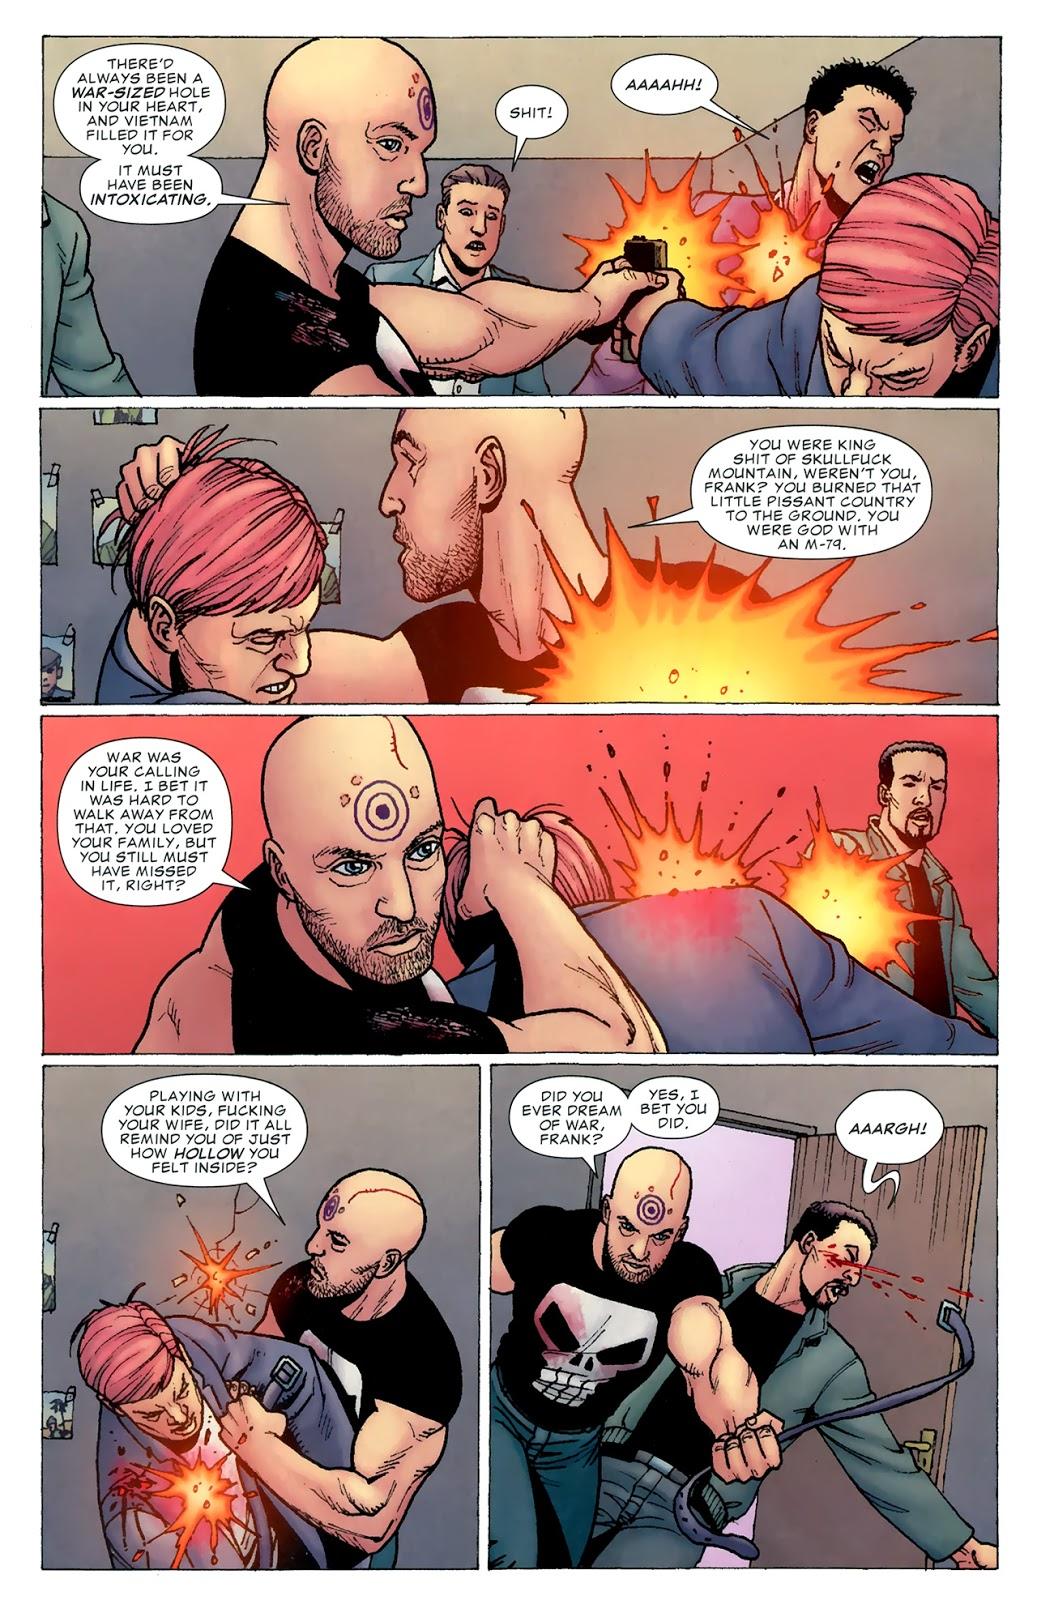 10 жестоких комиксов про Карателя | Канобу - Изображение 10